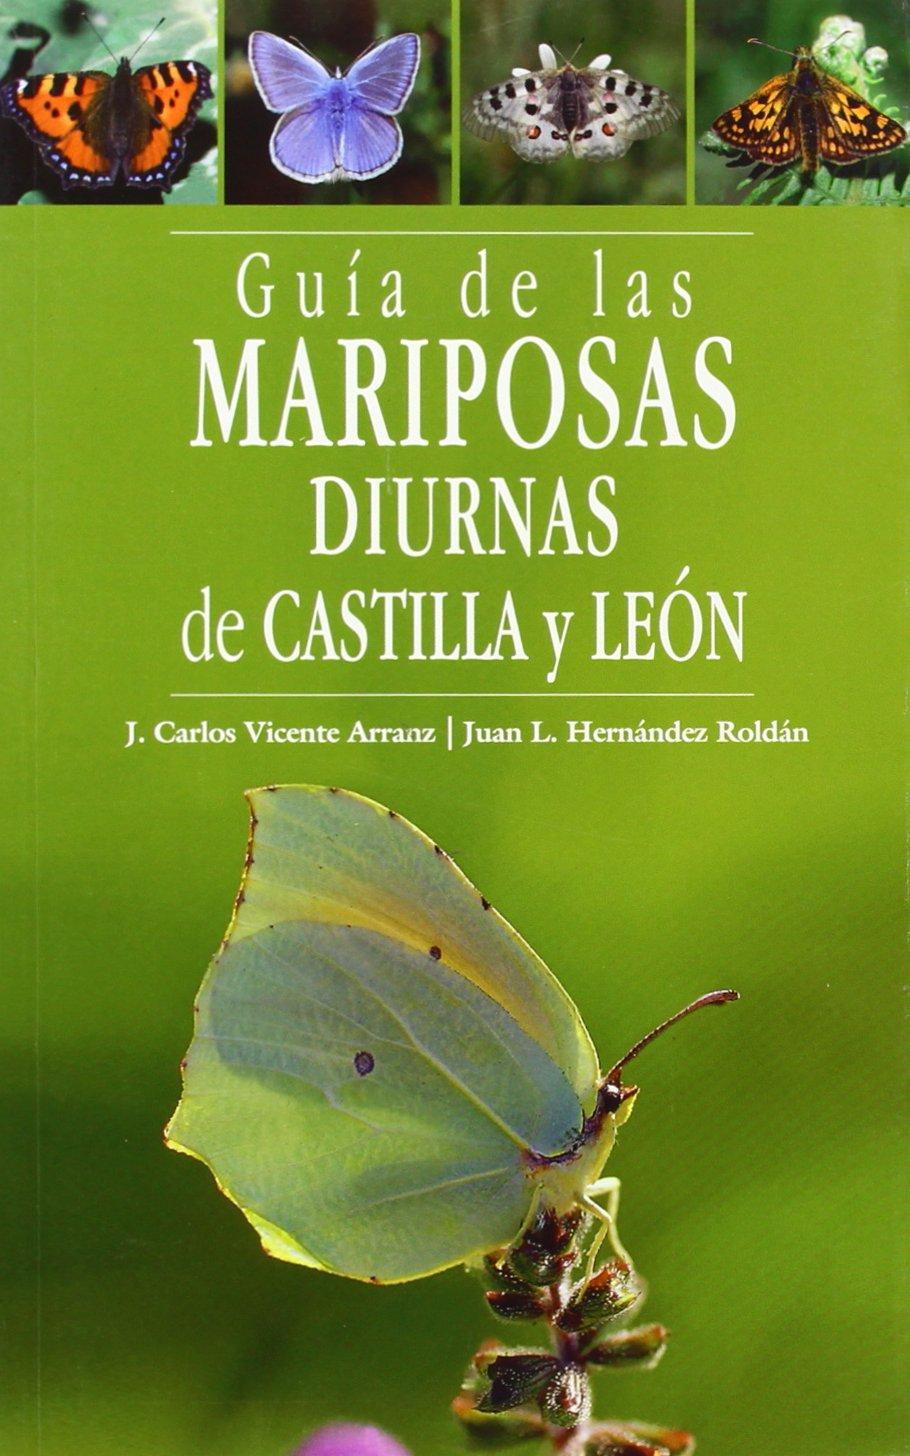 GUIA DE LAS MARIPOSAS DIURNAS DE CASTILLA Y LEON: Amazon.es ...